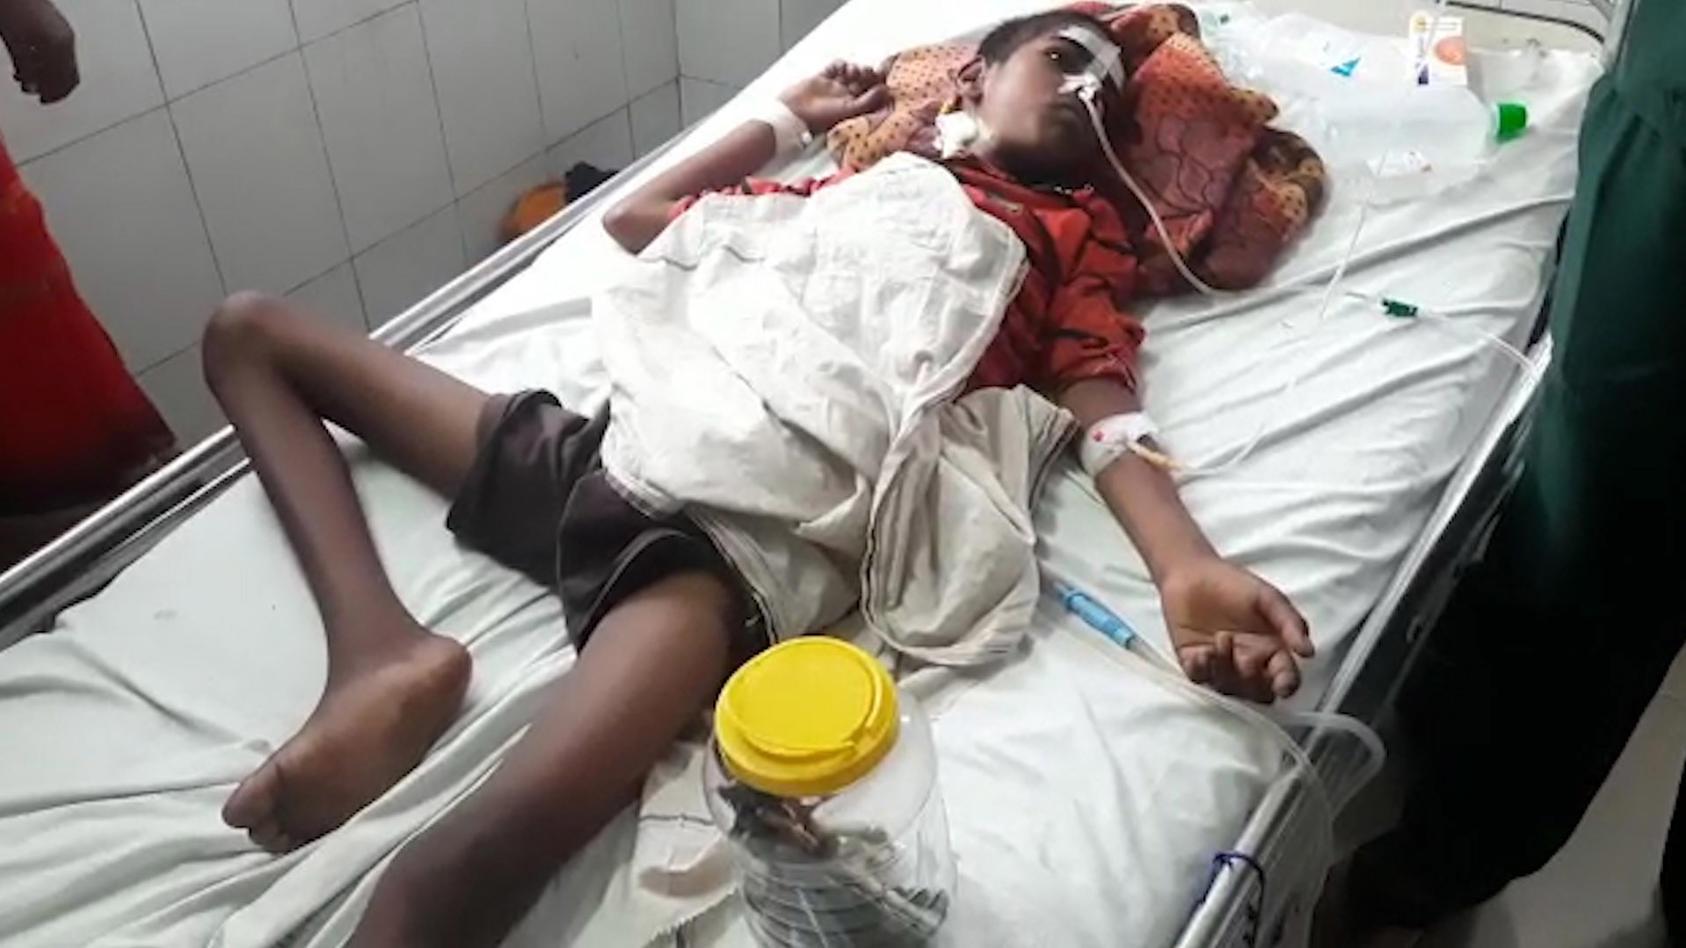 harish-devi-hatte-16-zahnbursten-und-einen-eisennagel-verschluckt-nach-der-operation-liegt-er-neben-den-zahnbursten-im-krankenbett